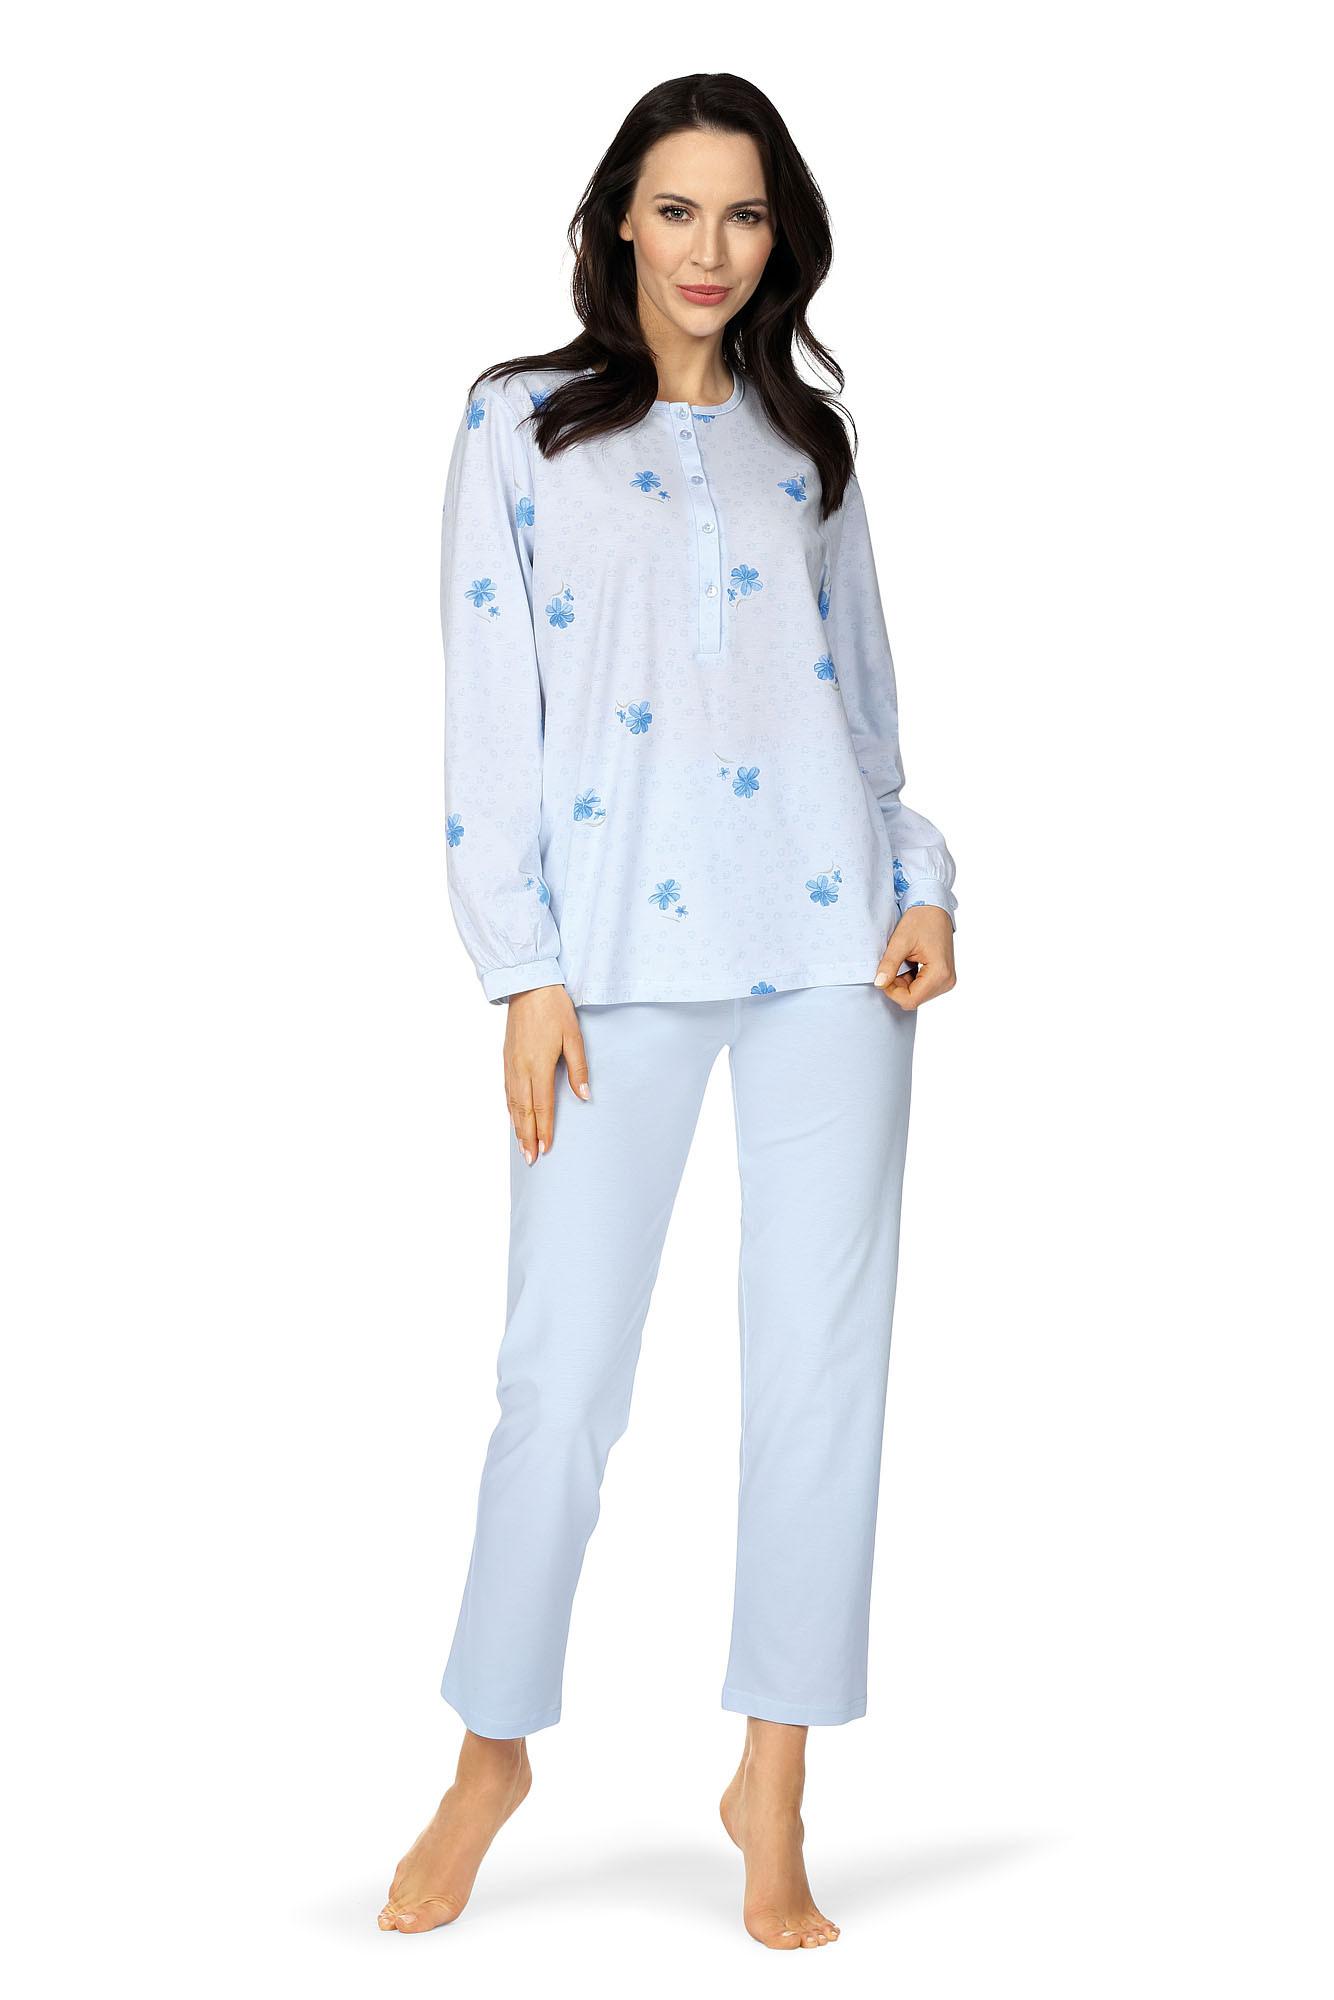 Comtessa Damen Schlafanzug langer Arm Bleu Knopfleiste 38 40 42 44 46 48 50 52  100% Baumwolle